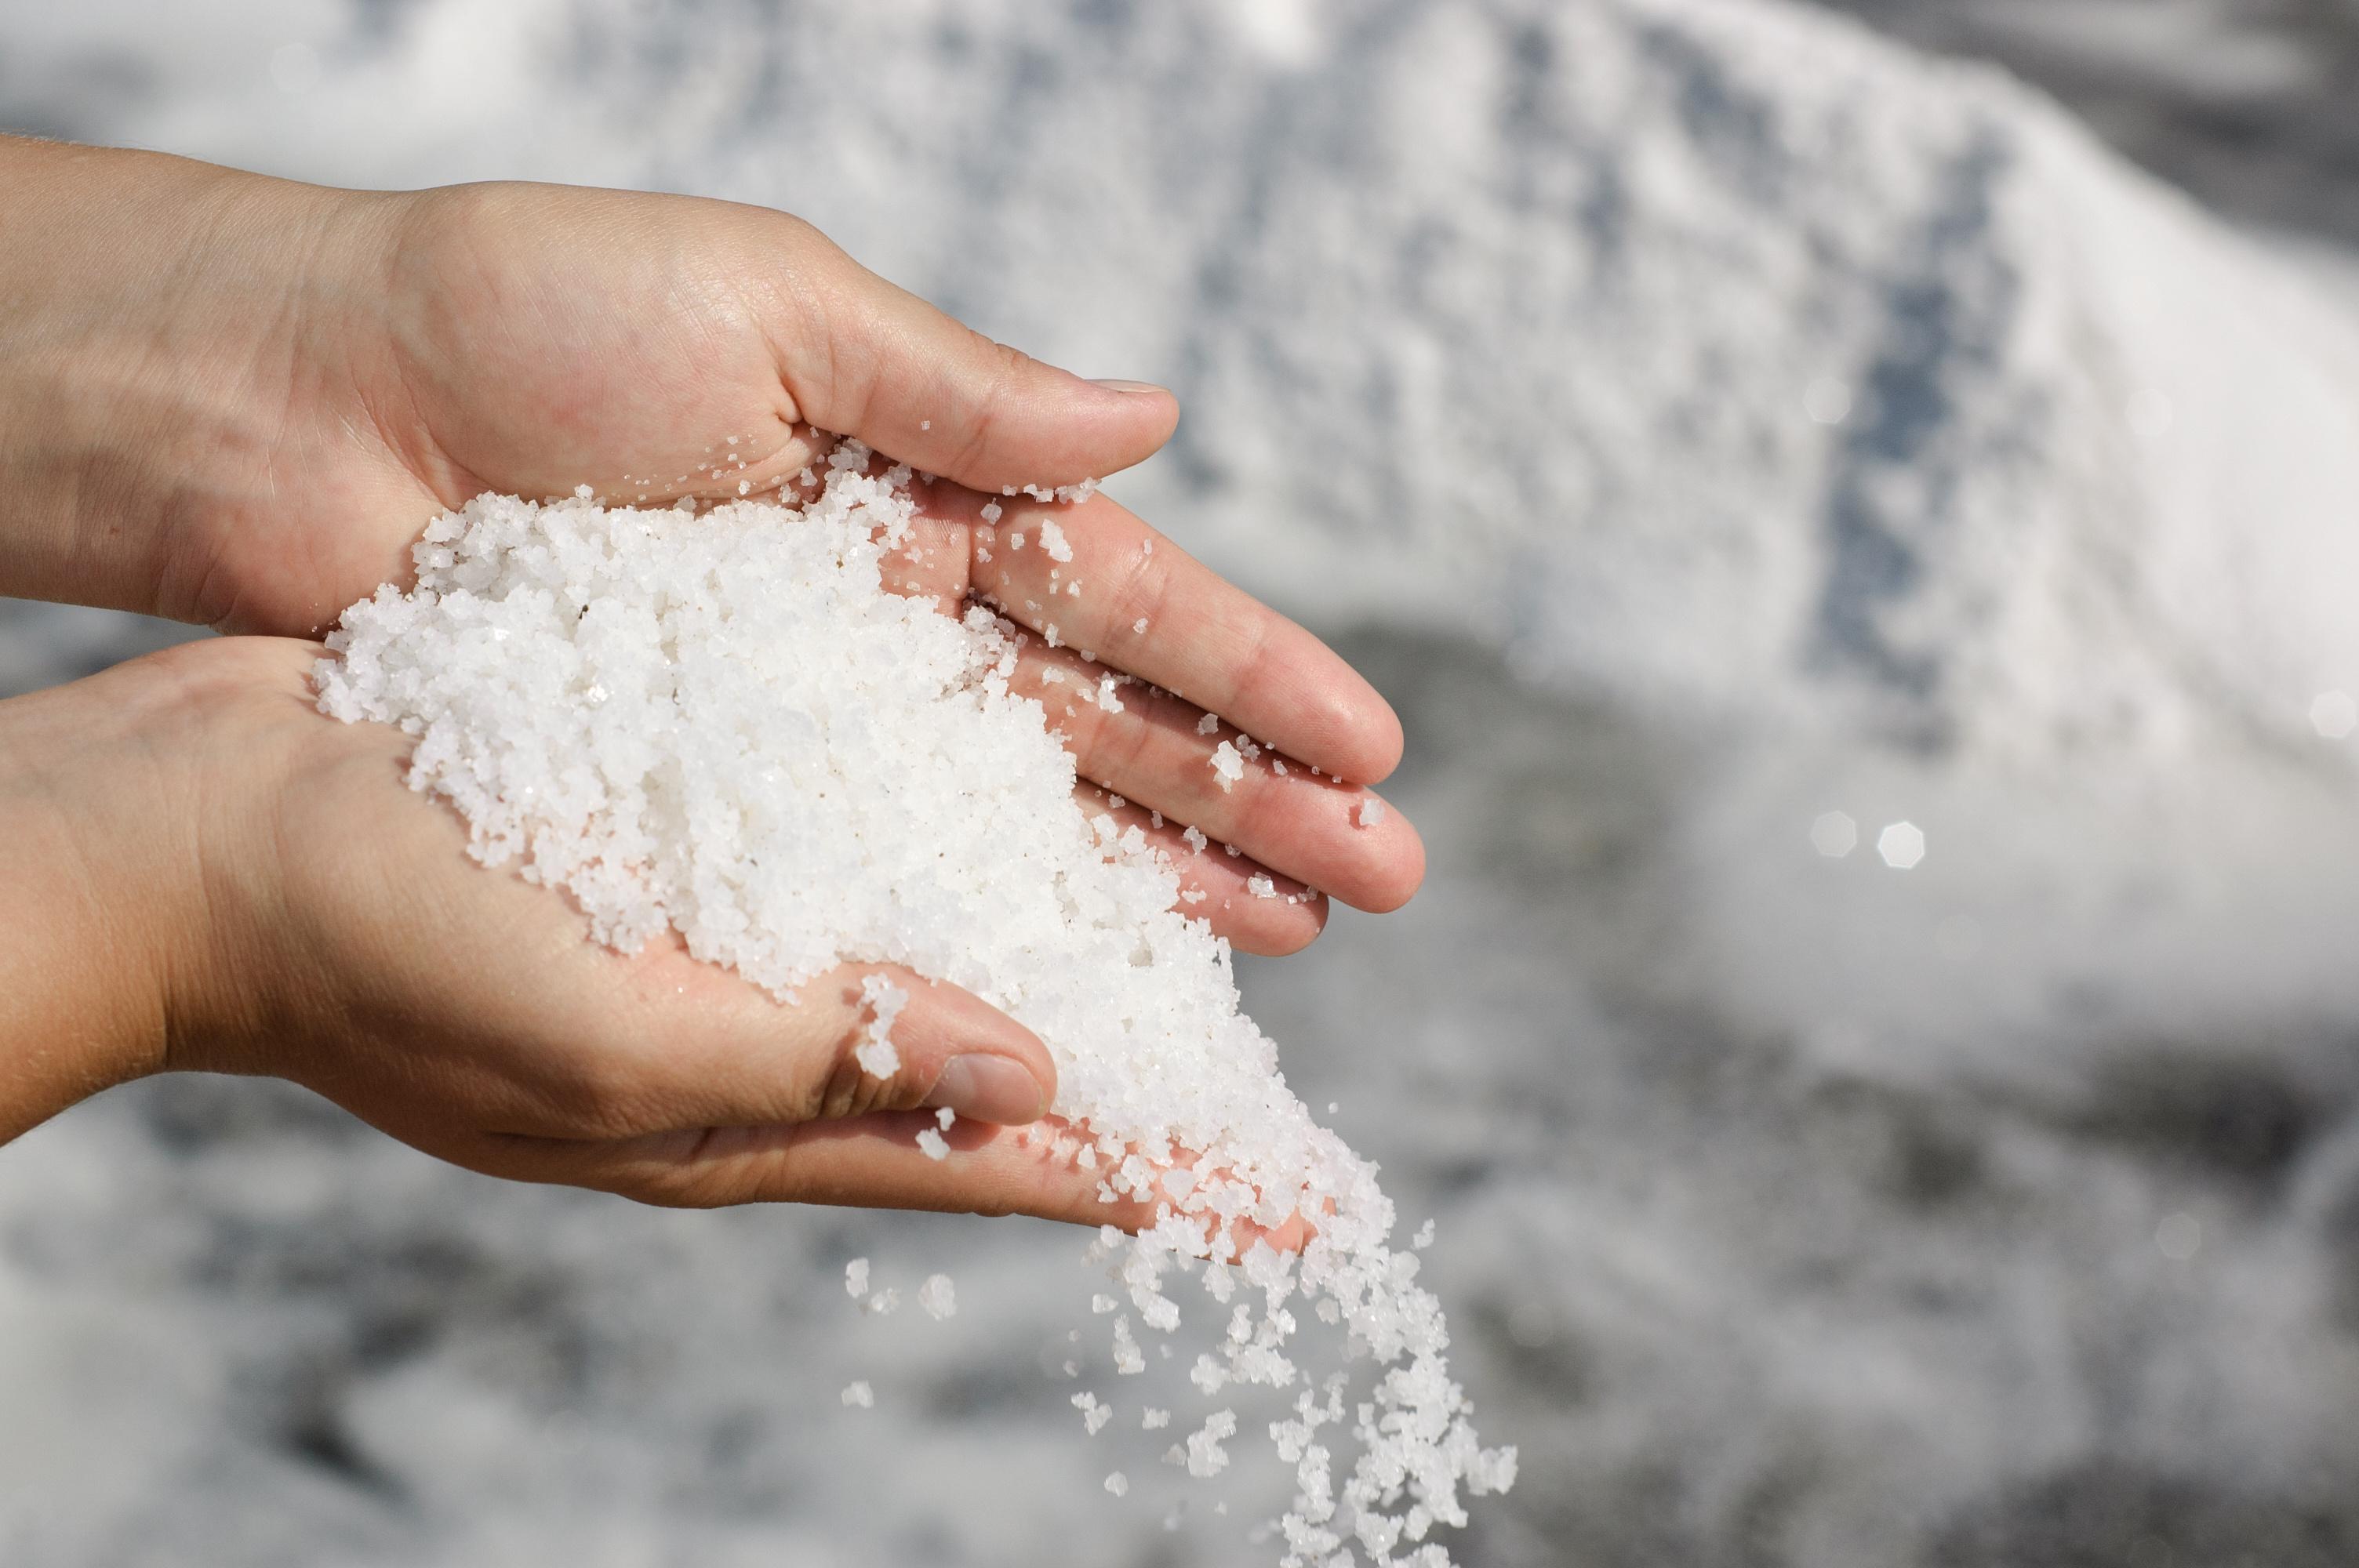 Salzmangel schadet dem Organismus (fotolia.com/zikovic)